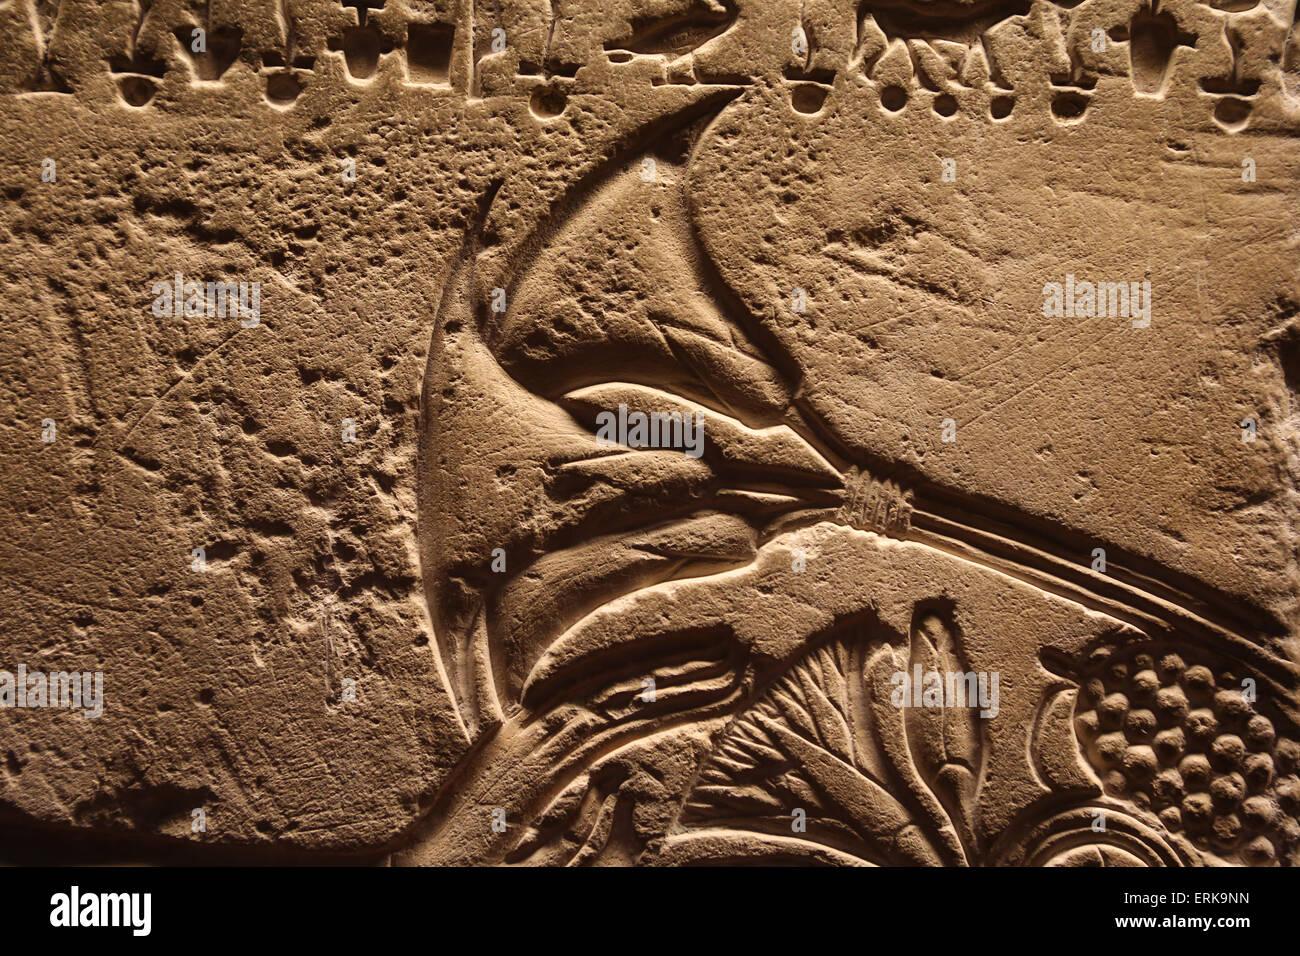 El antiguo Egipto. Alivio. Flor de Loto. Museos Vaticanos. Imagen De Stock